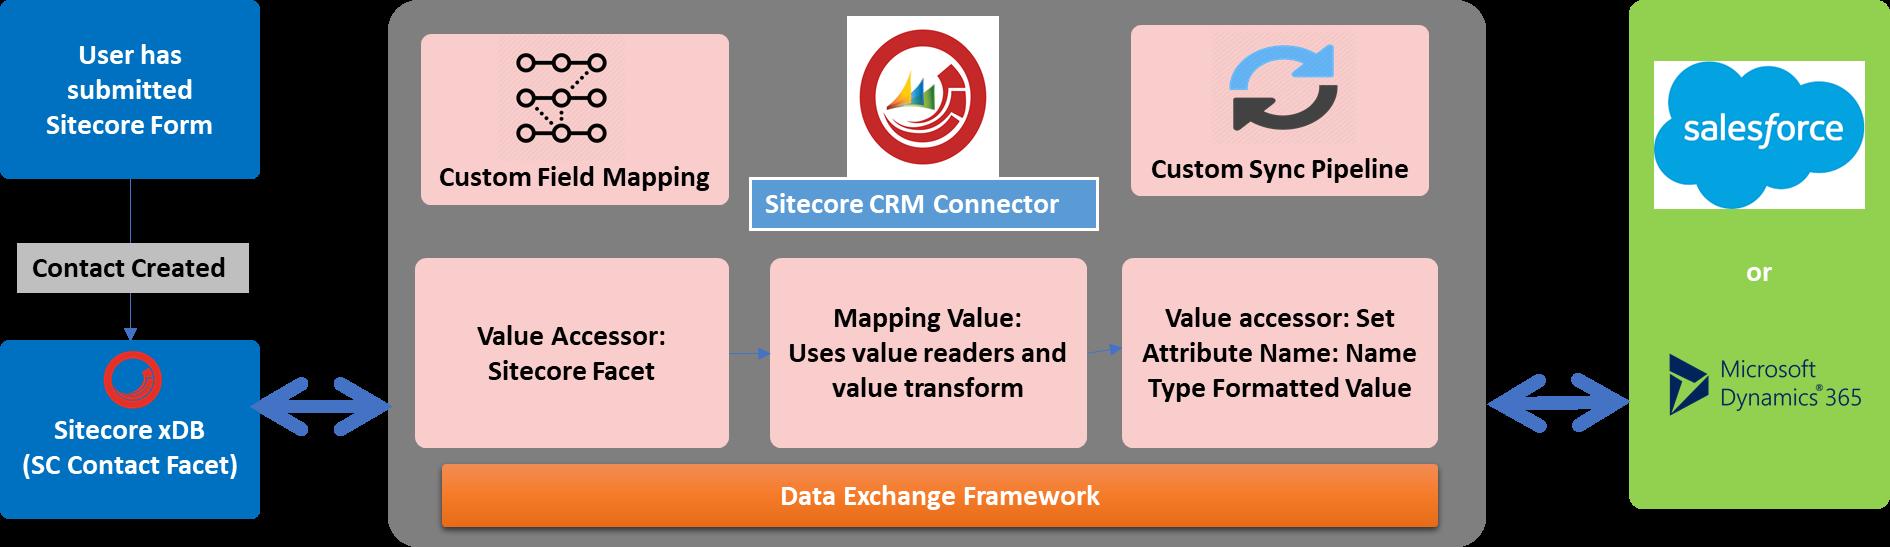 Sitecore CRM Connectors